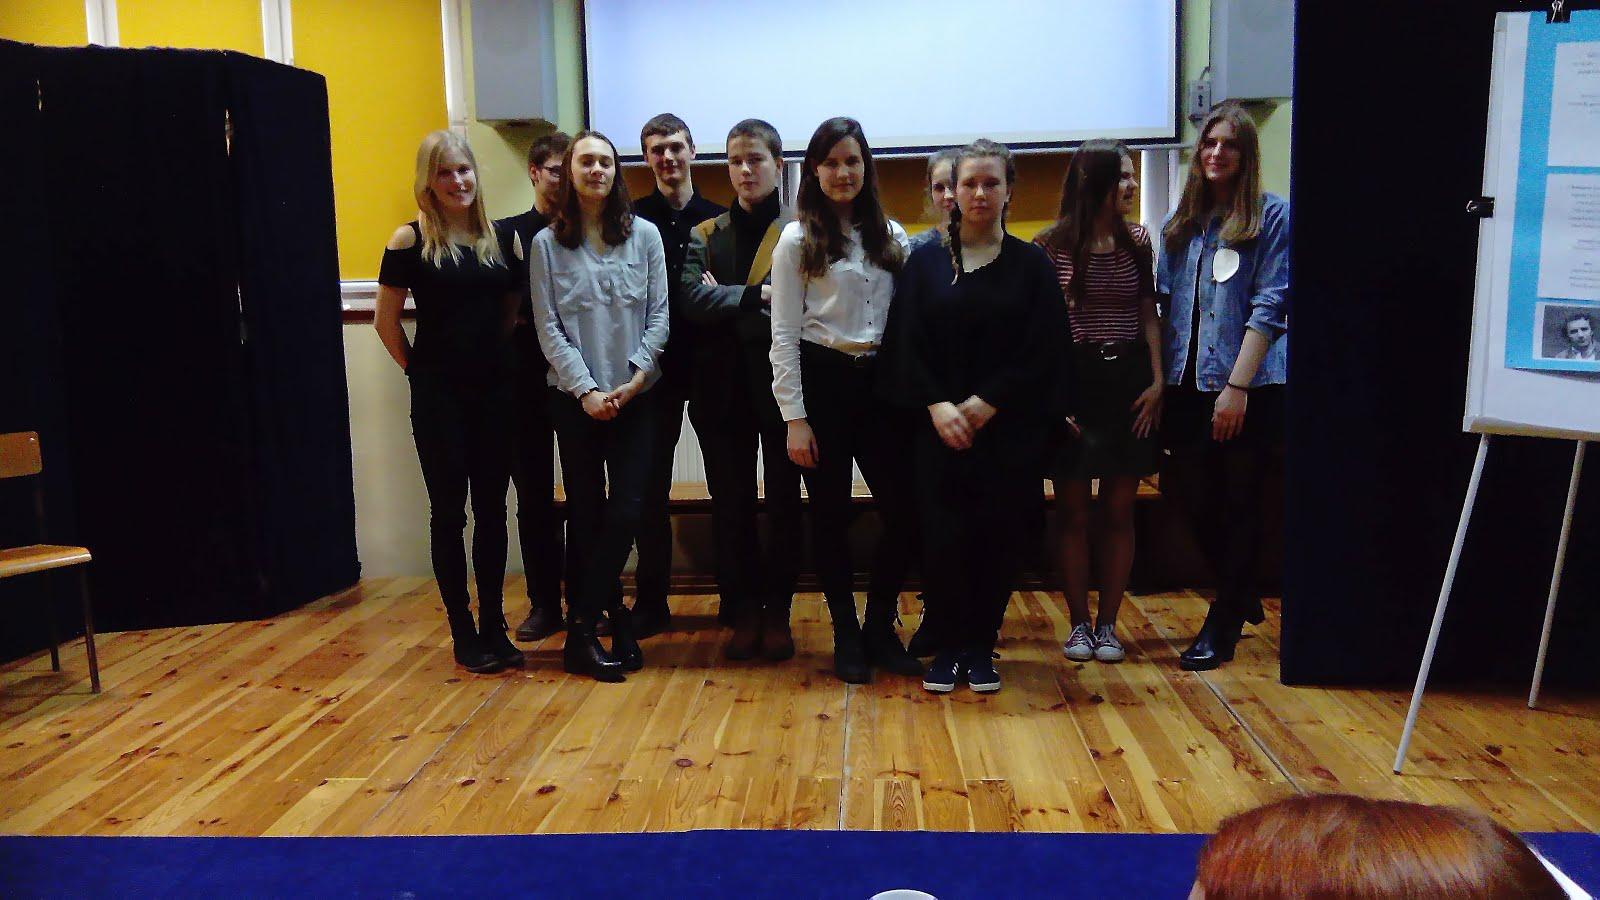 Uczestnicy szkolnego konkursu poezji Edwarda Stachury